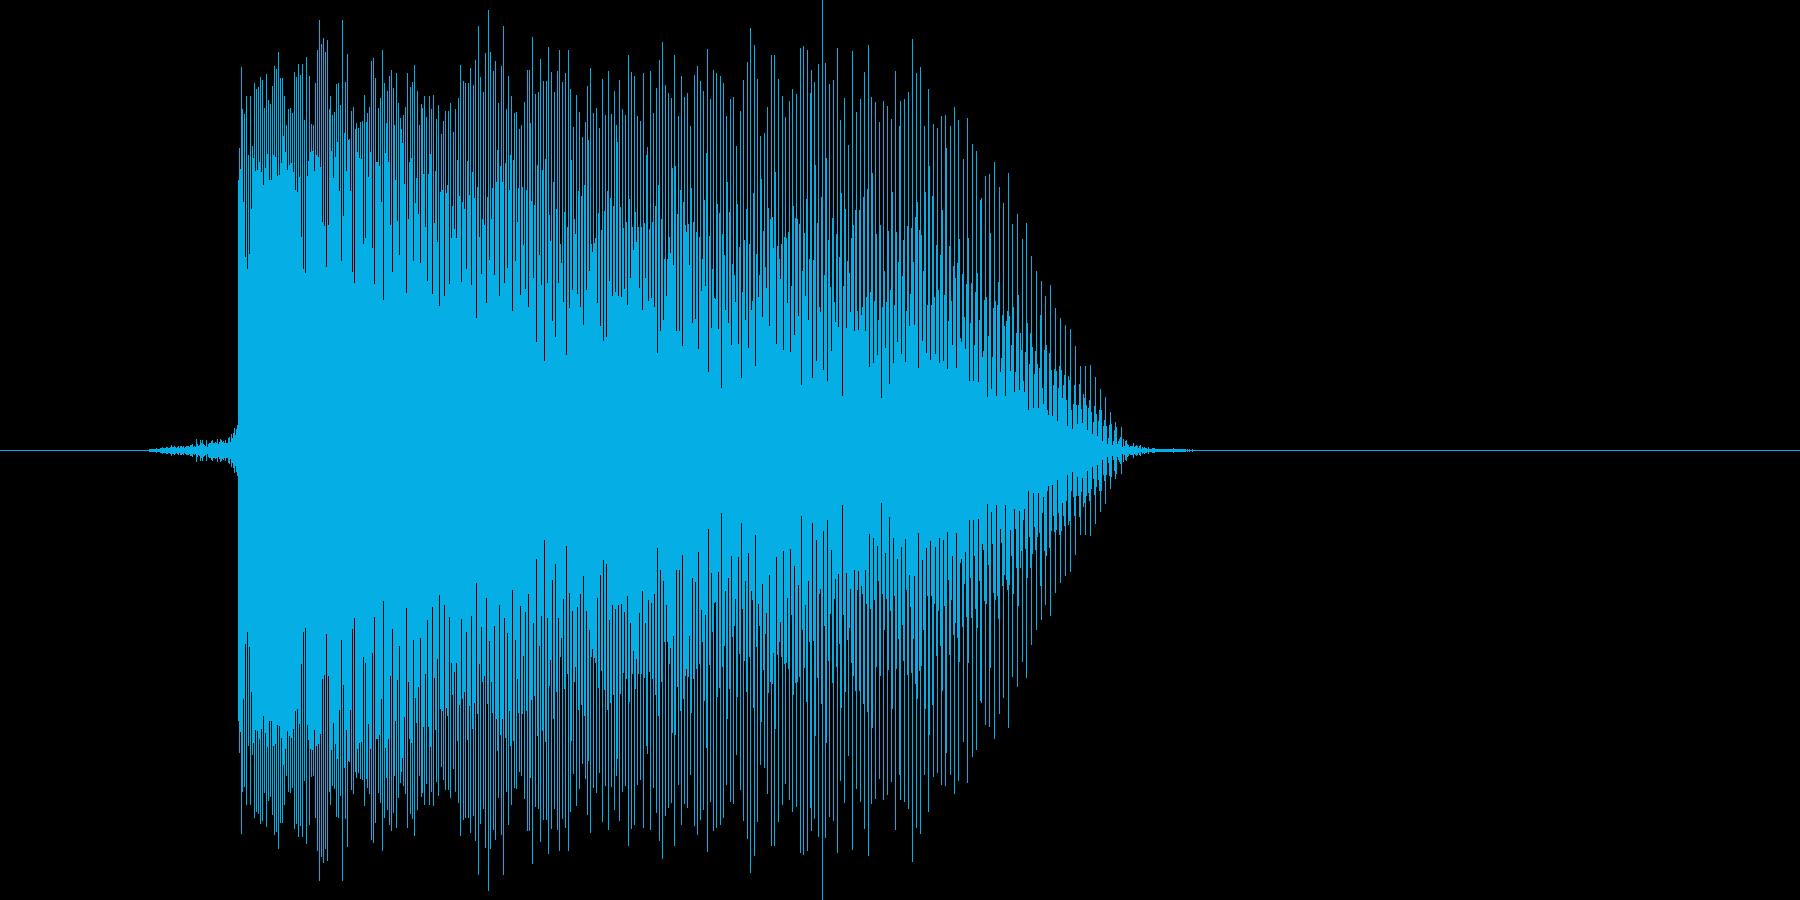 ゲーム(ファミコン風)レーザー音_018の再生済みの波形